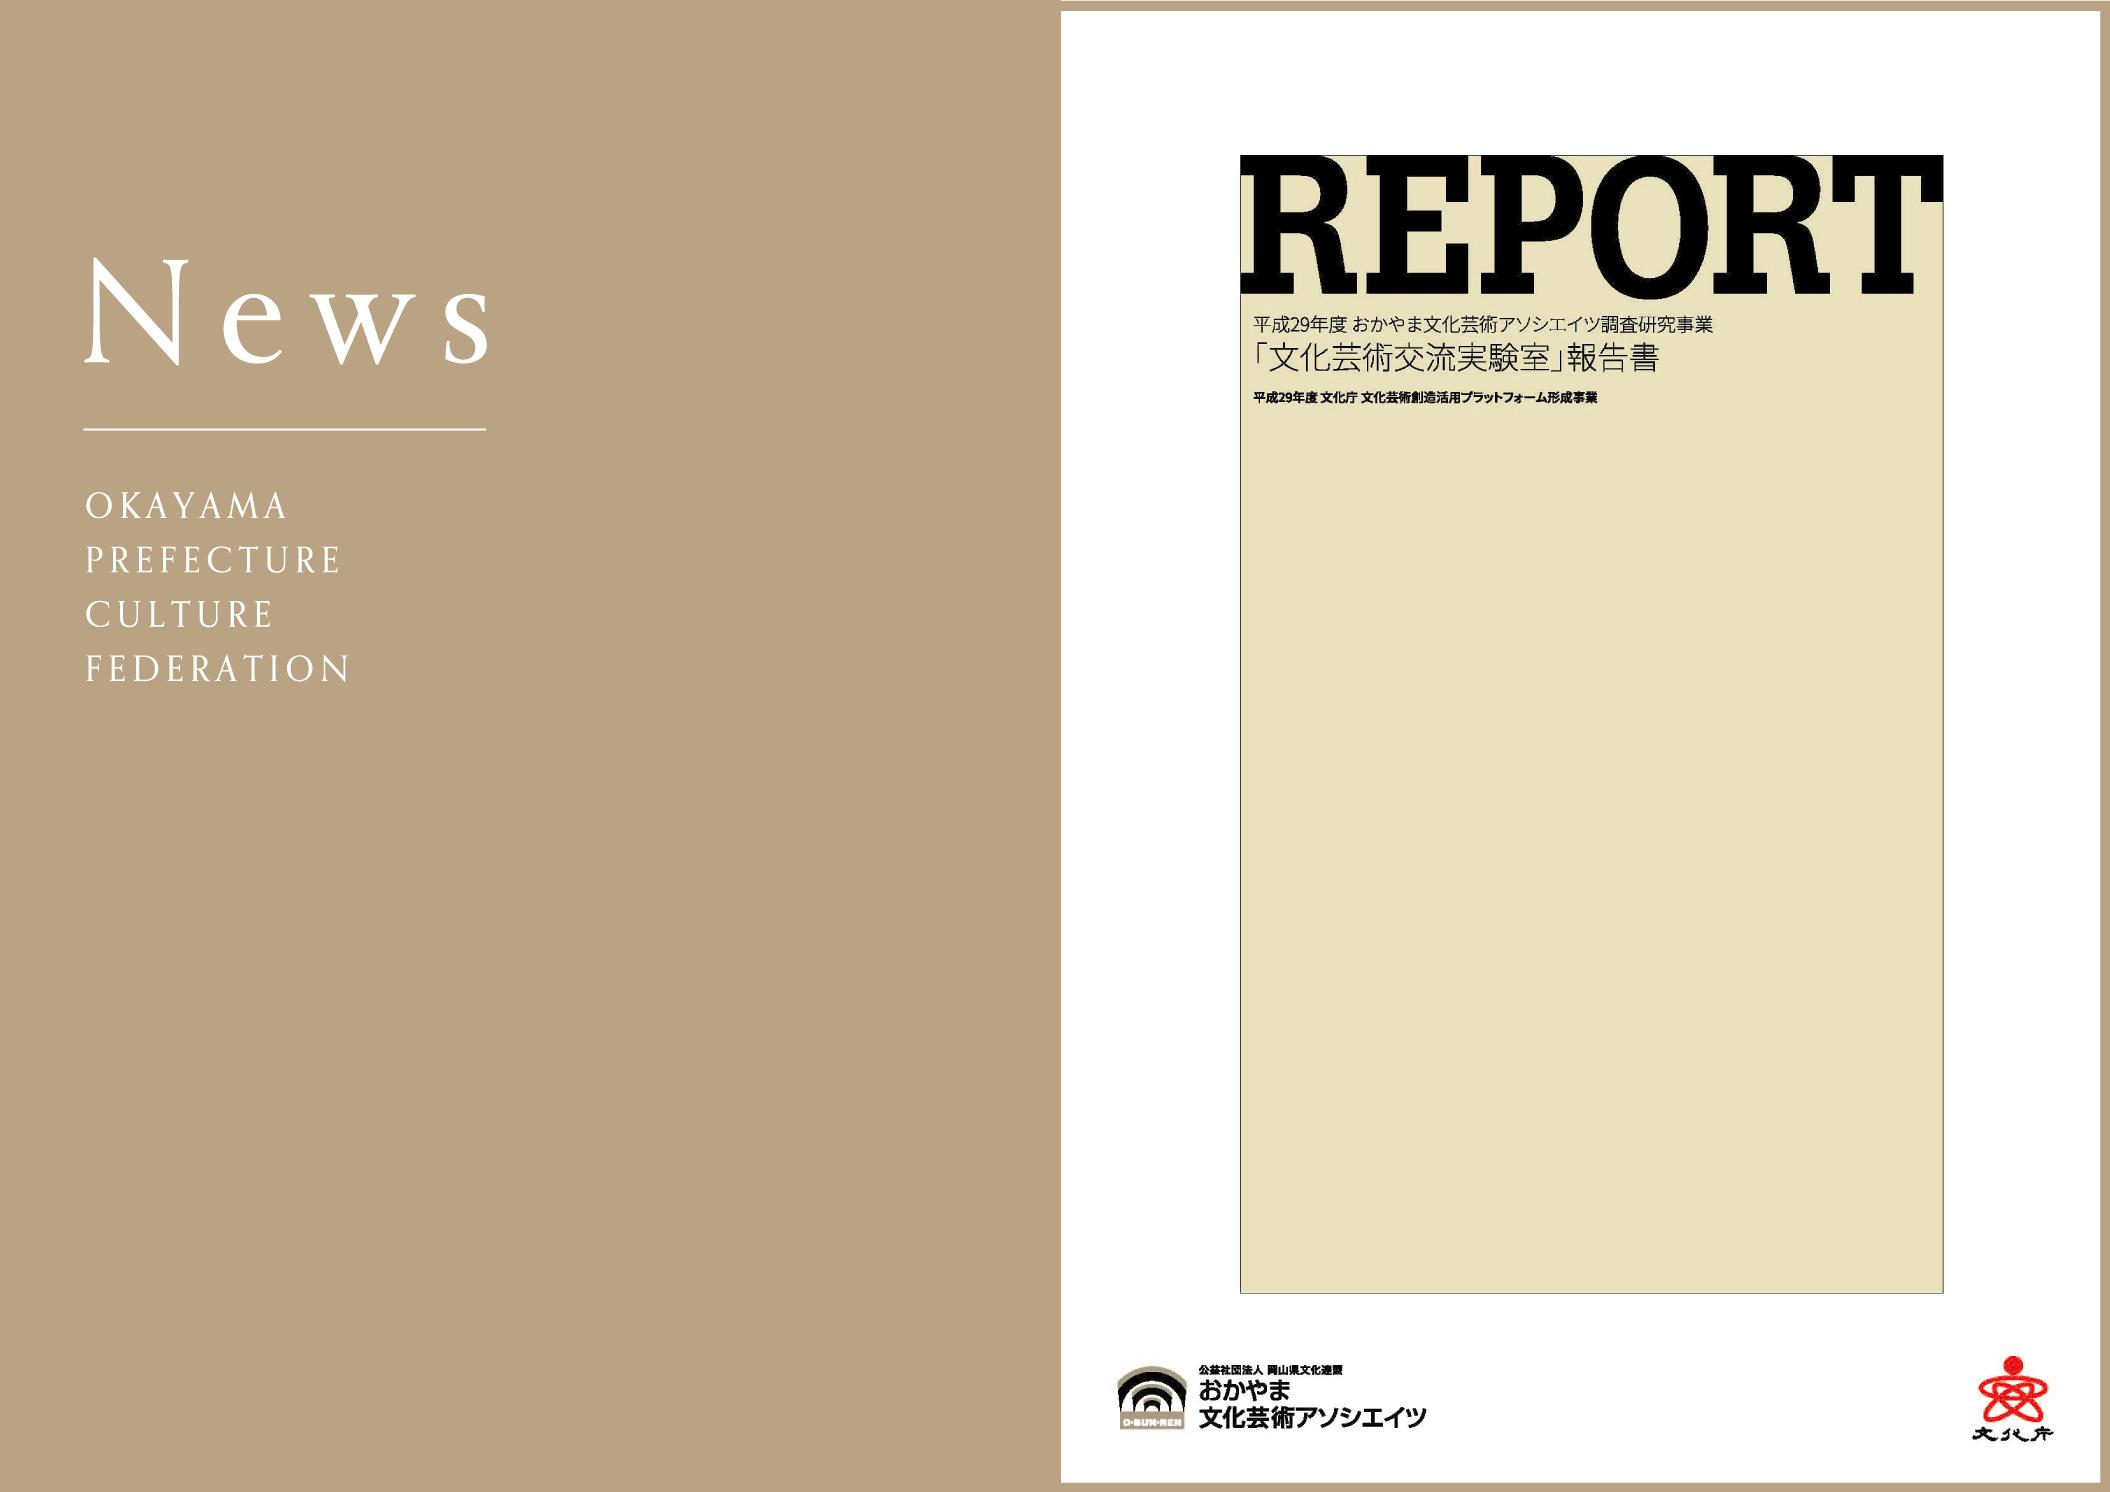 平成29年度 文化芸術交流実験室 報告書